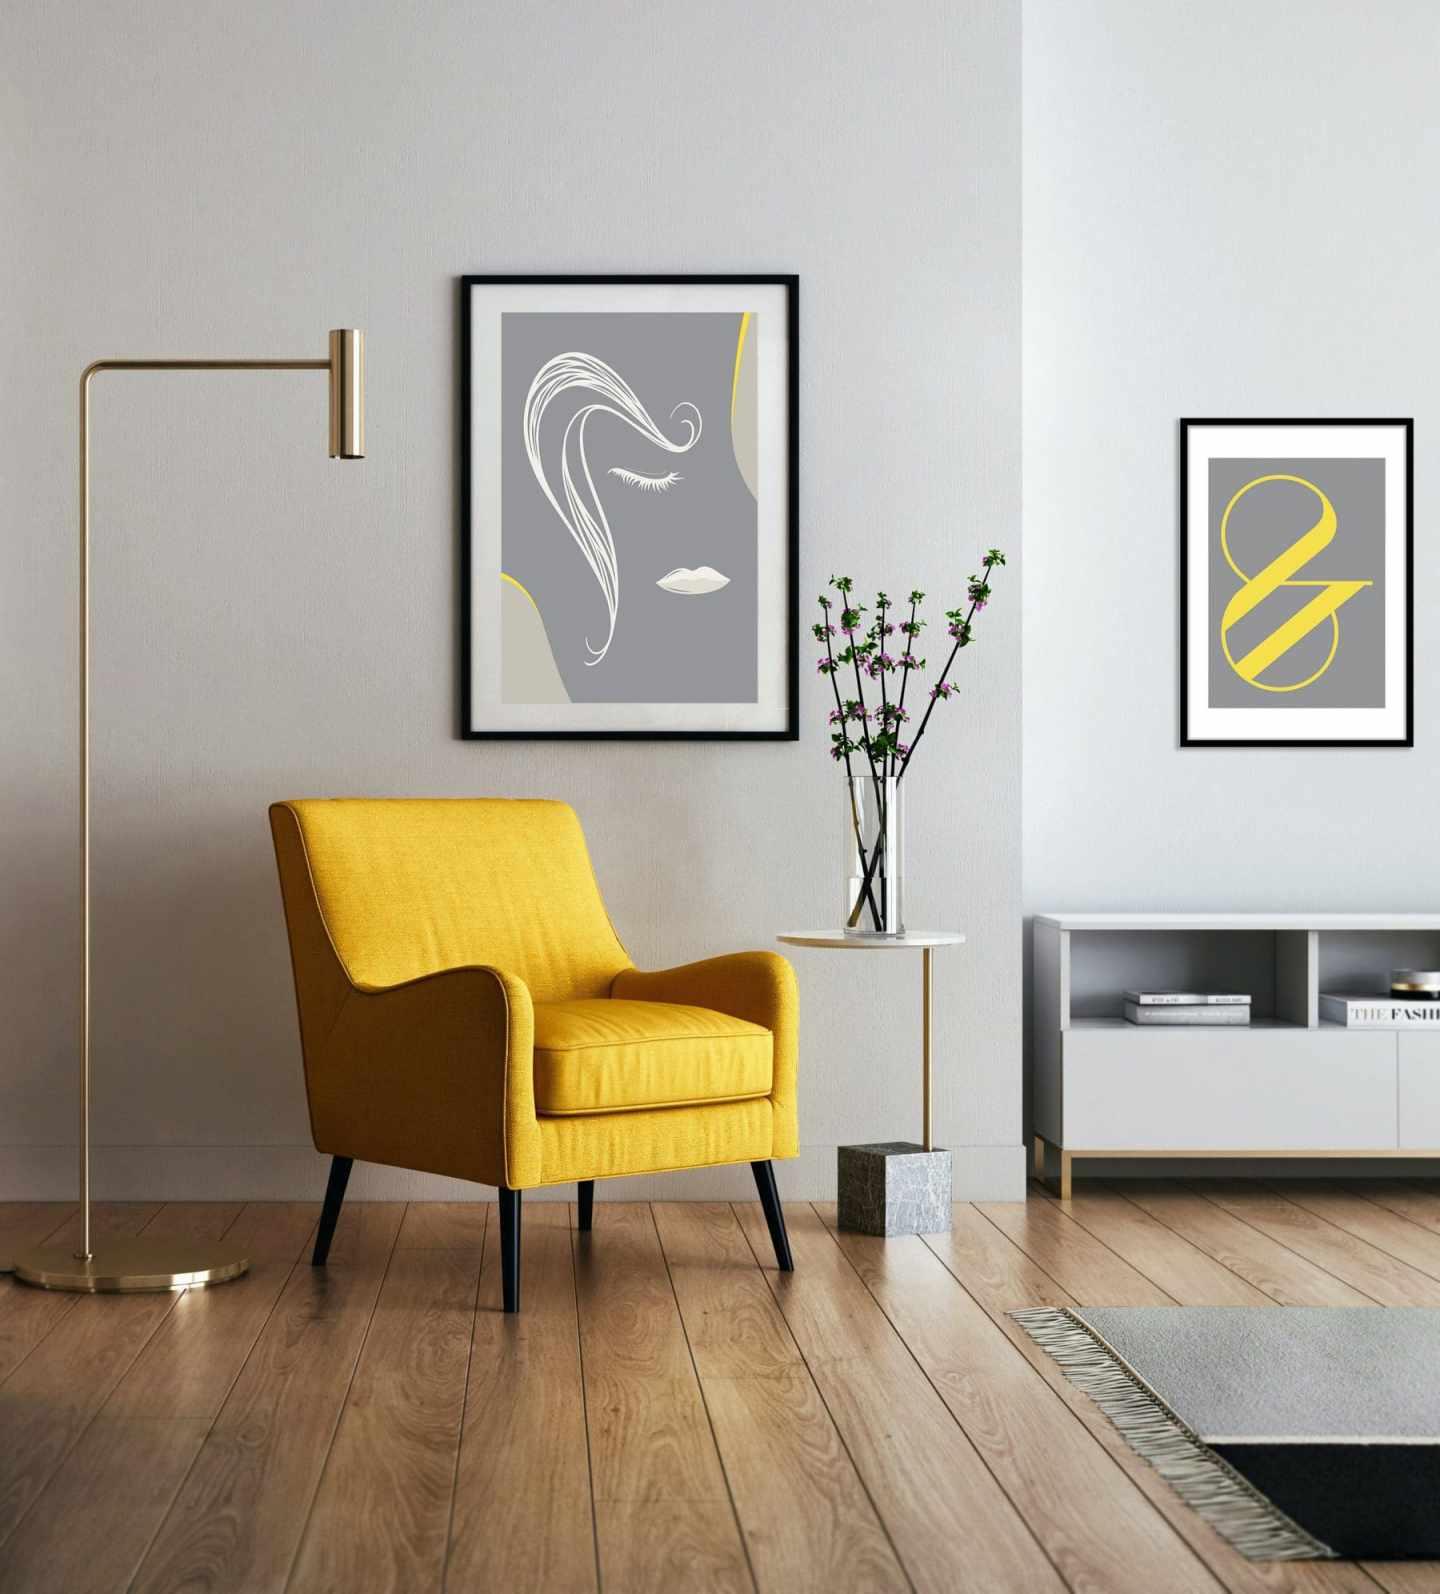 sivi otisci s prskanjem žute boje.  svijetložuta fotelja u dnevnoj sobi